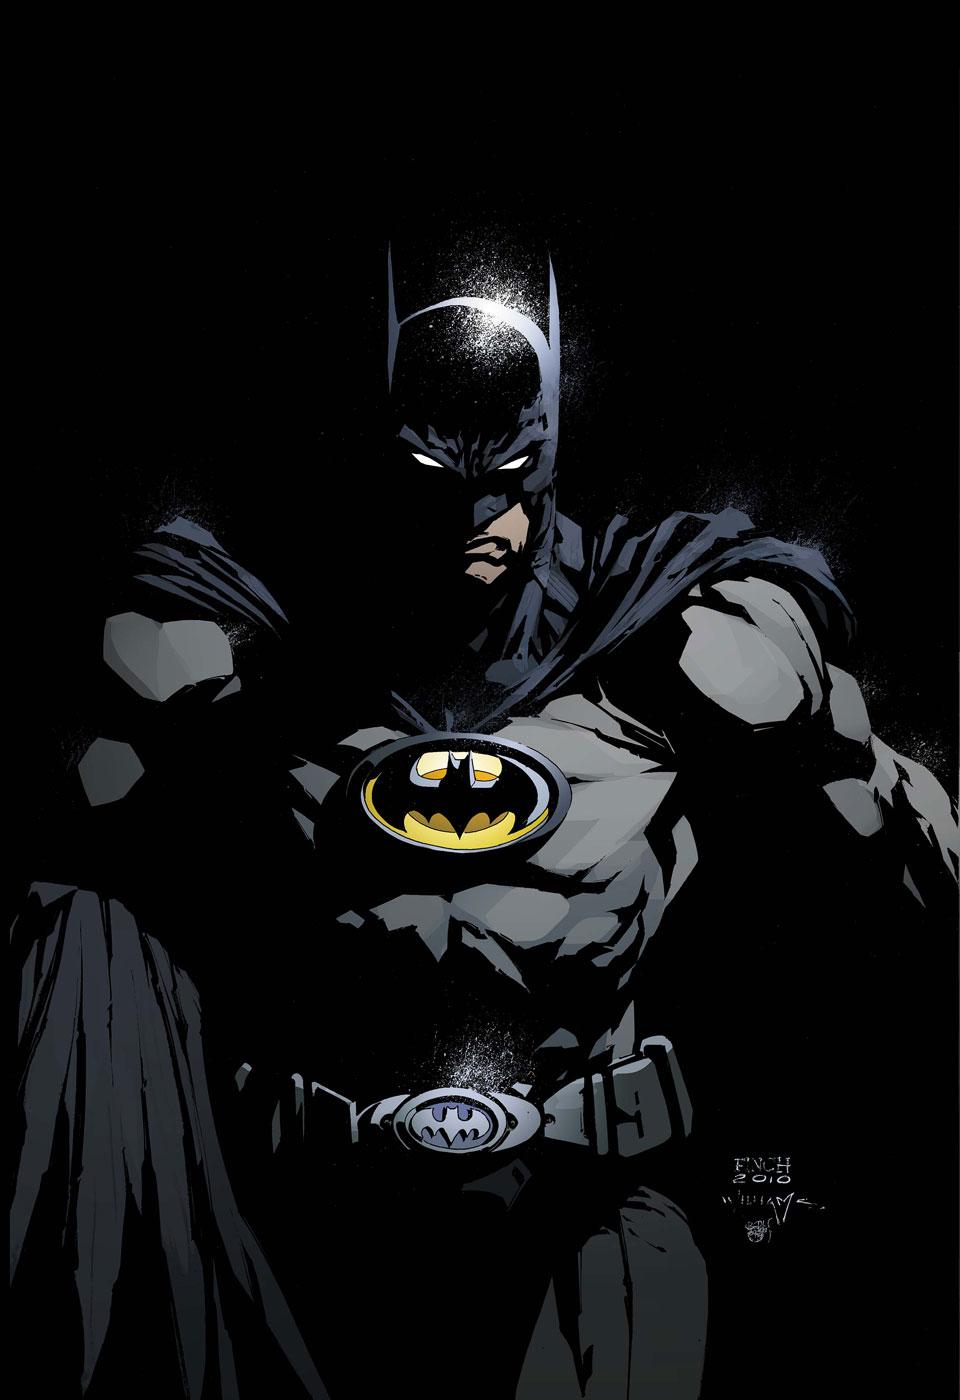 「バットマン」の画像検索結果